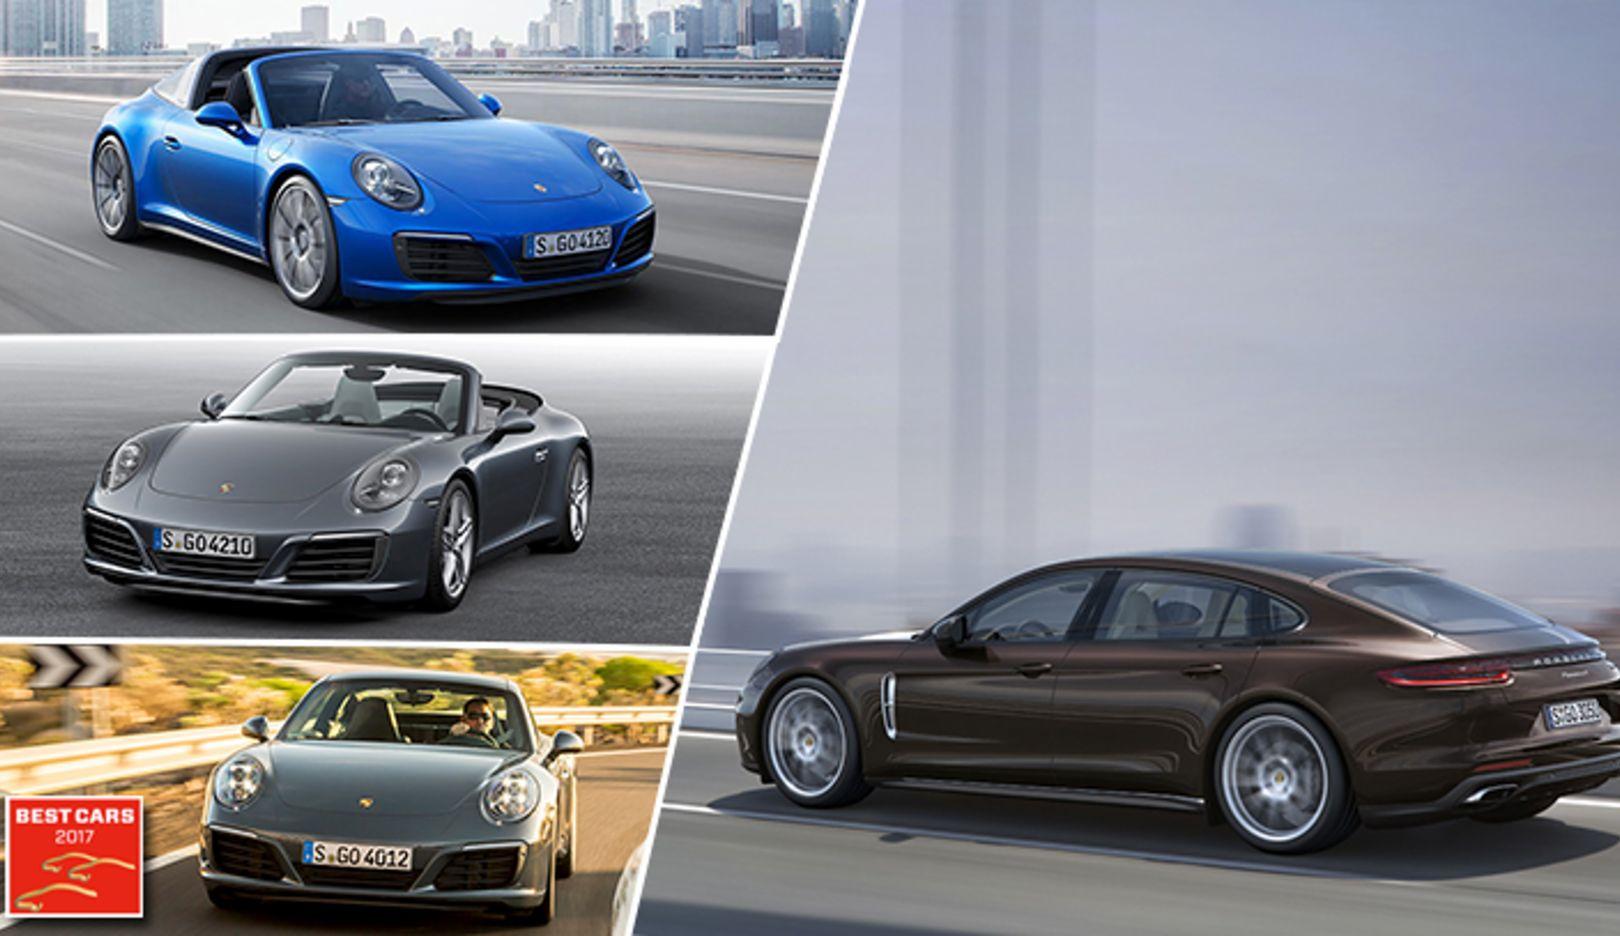 Best Cars 2017: 911 Targa 4S, 911 Carrera Cabriolet, 911 Carrera, Panamera 4 Executive, Porsche AG